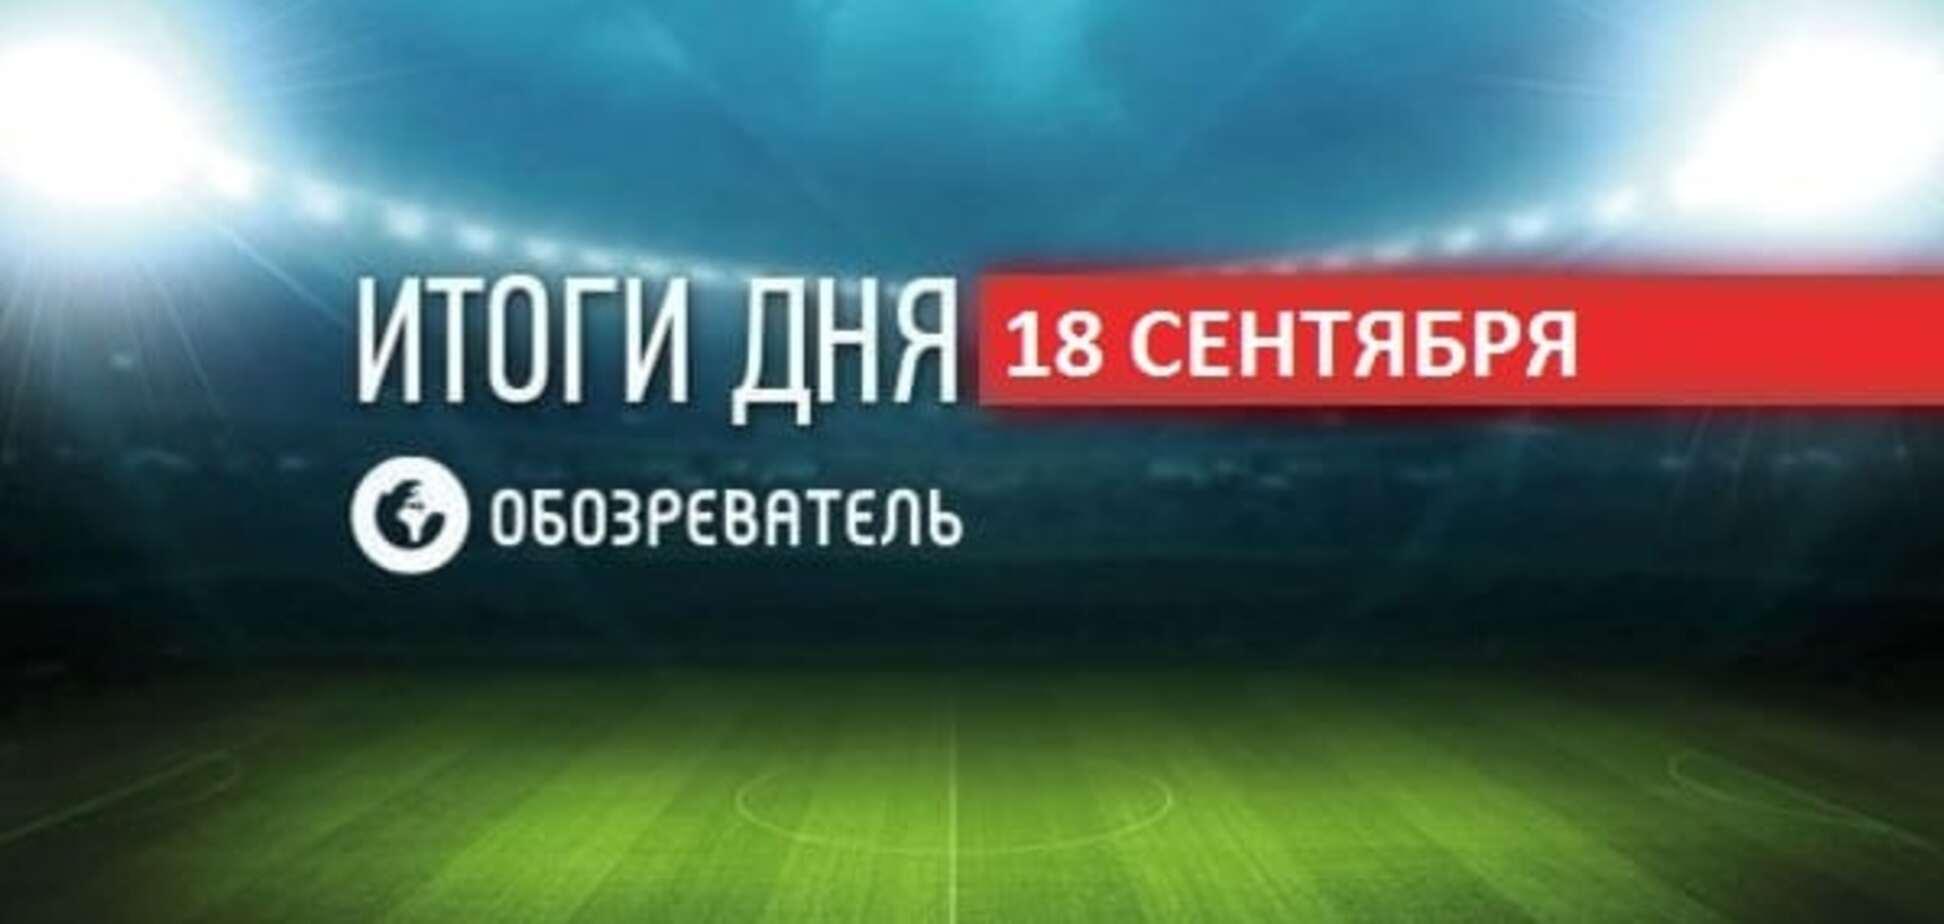 Провал 'Динамо' и рекорд Украины в Рио. Спортивные итоги 18 сентября